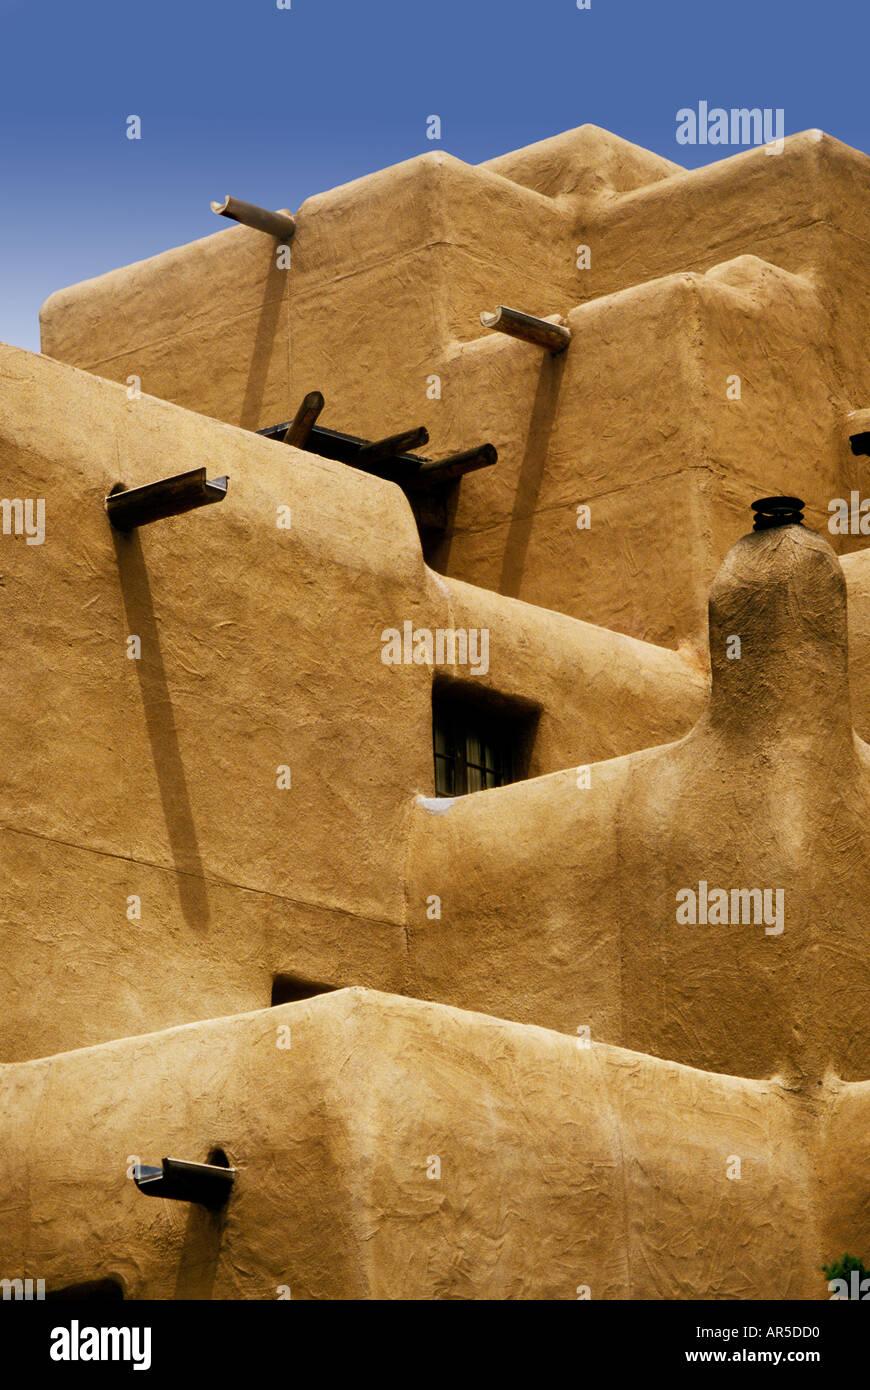 Adobe Arquitectura moderna Santa Fe, Nuevo México, EE.UU. Imagen De Stock